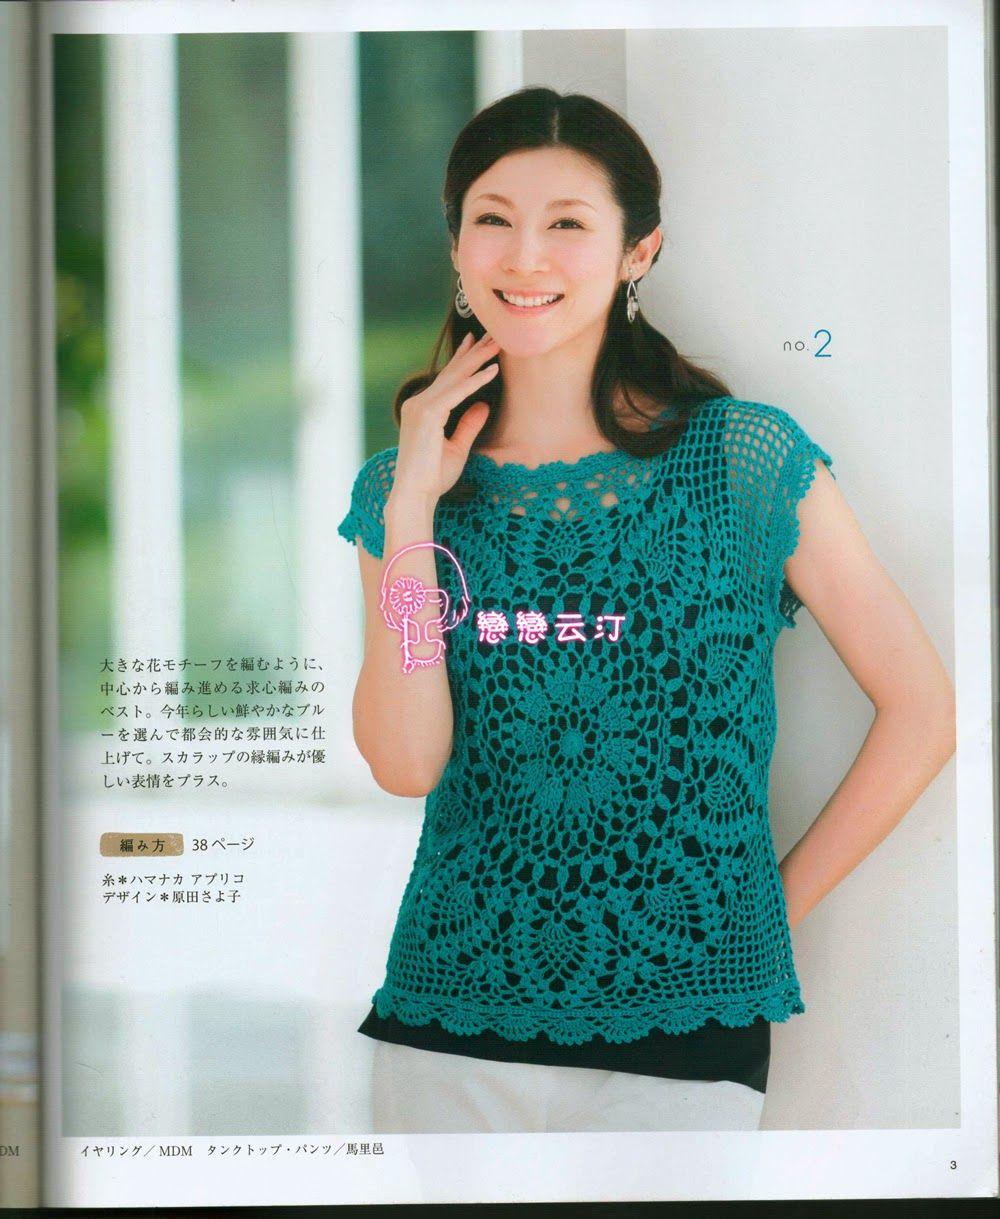 1225ba7c5 Blusa em crochê com gráfico | blusas de croche inspirações ...